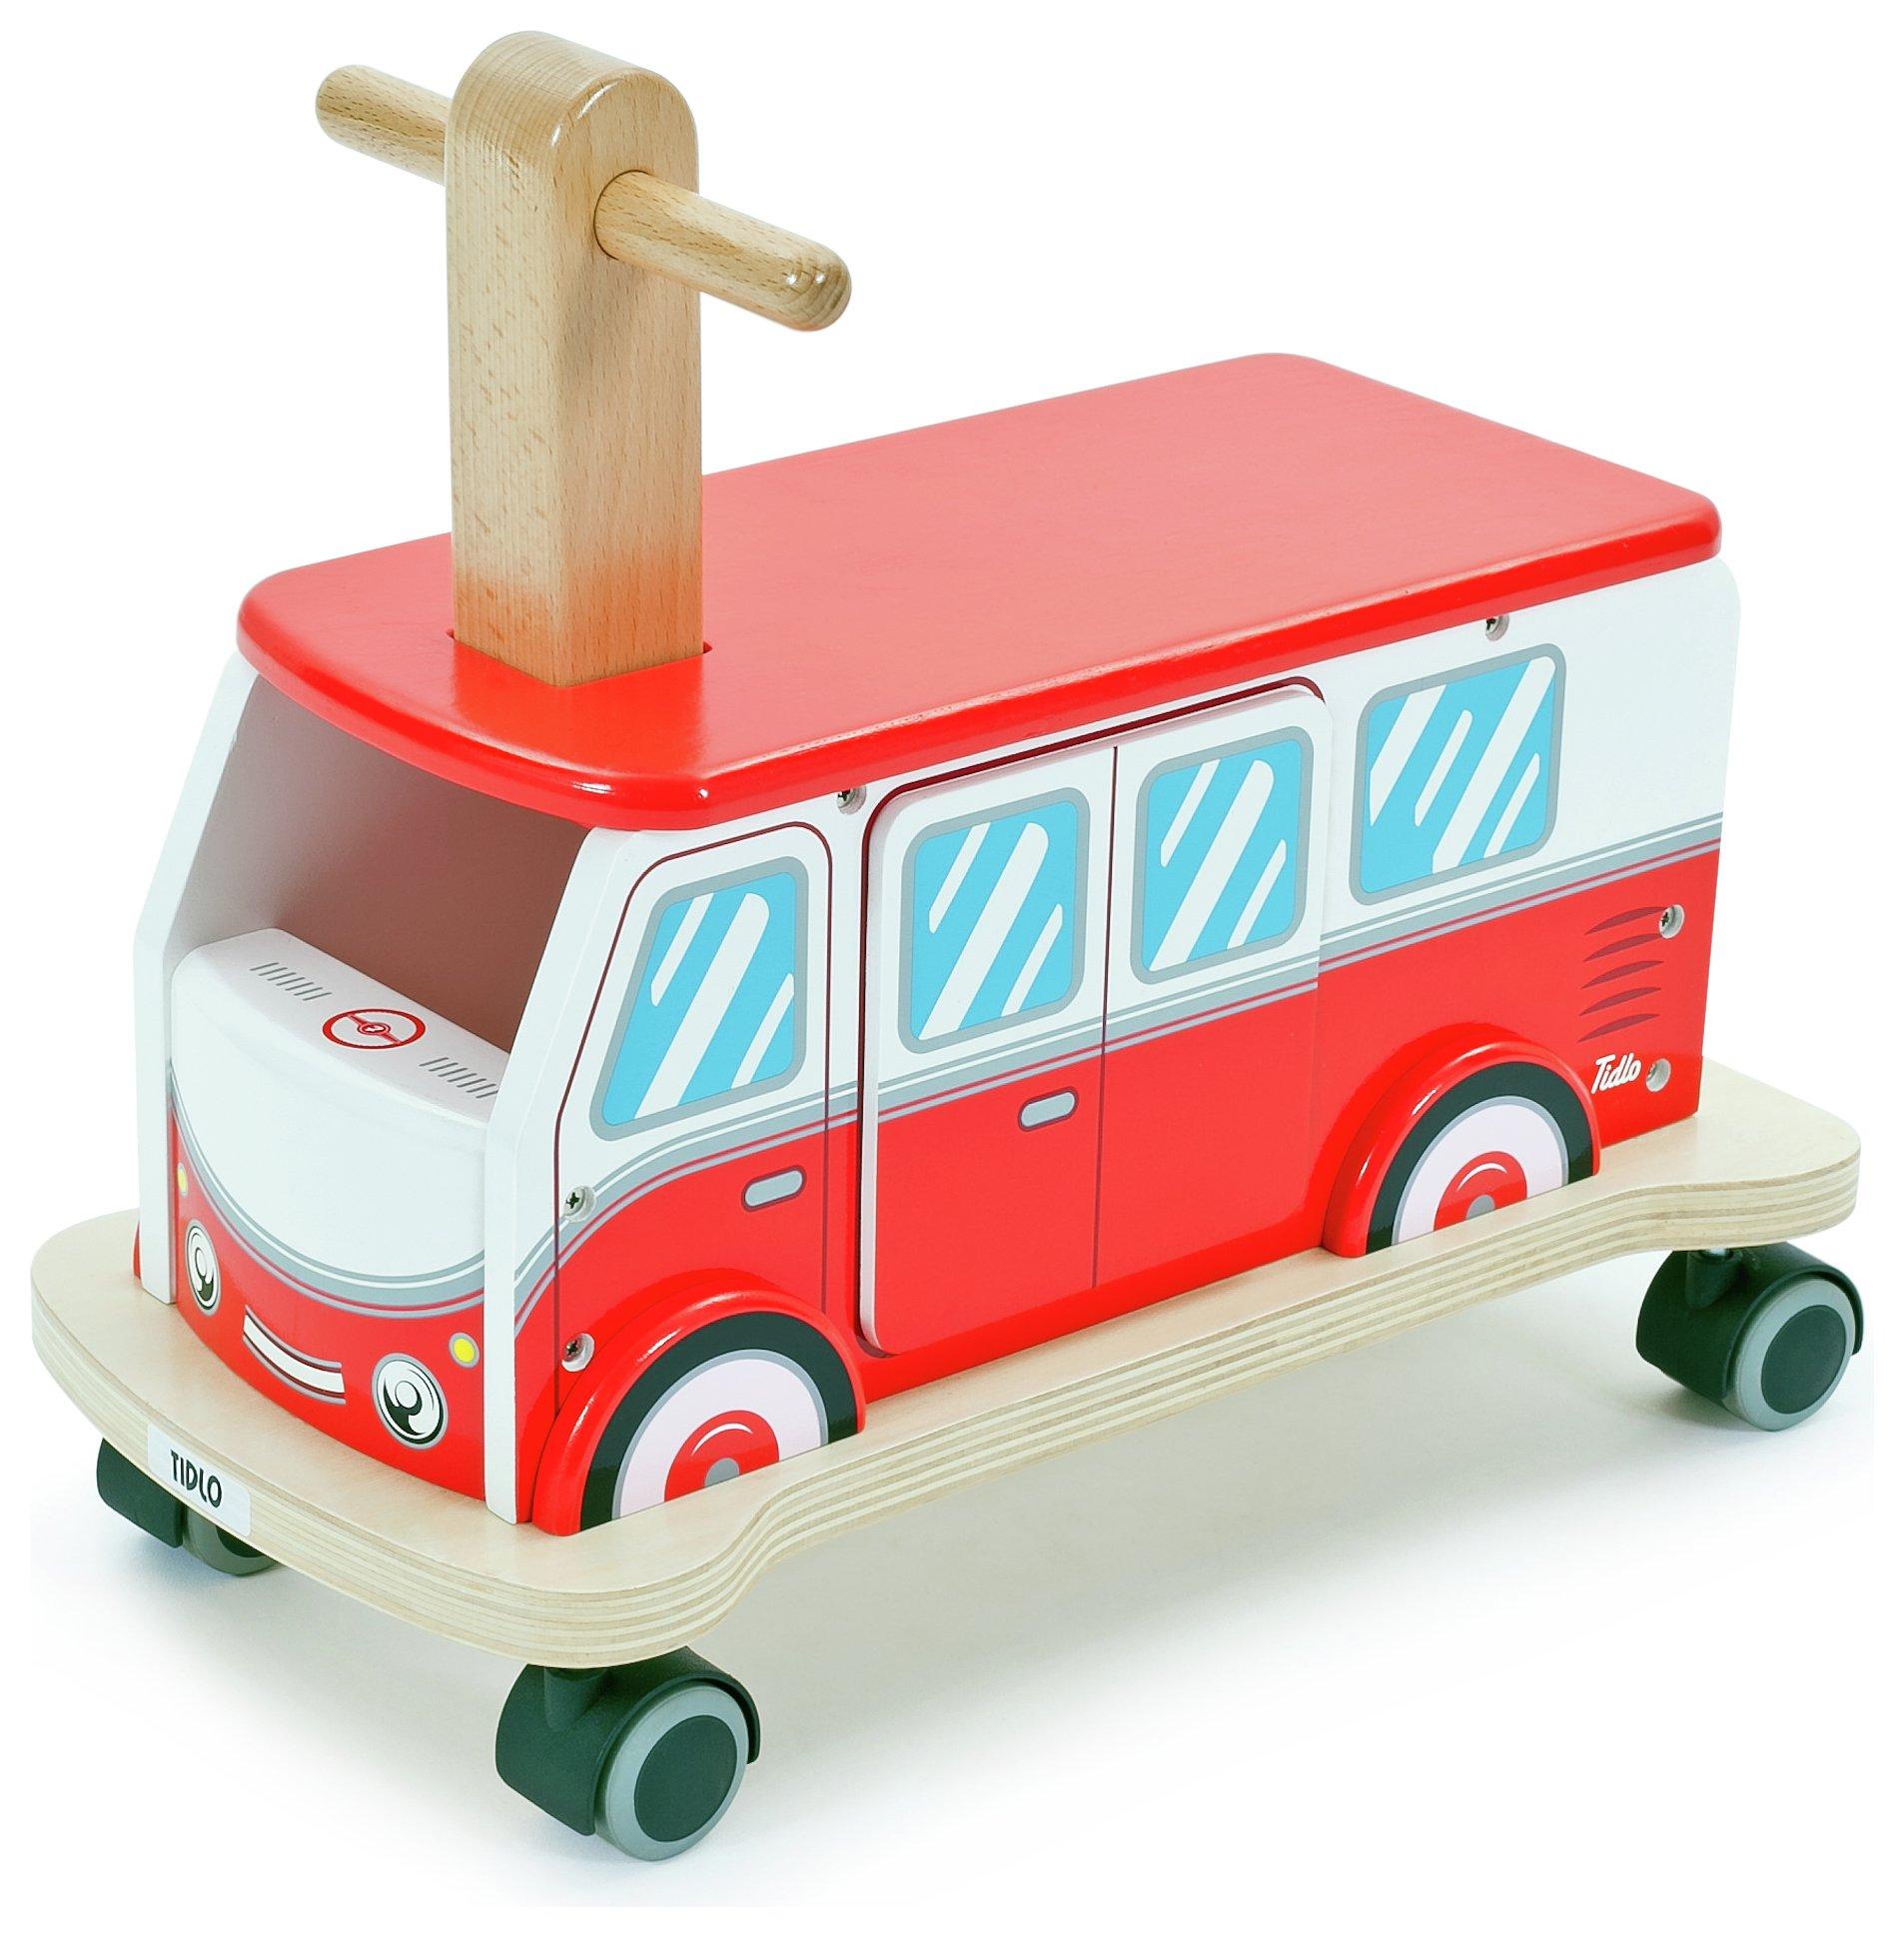 Image of Ride On Camper Van.